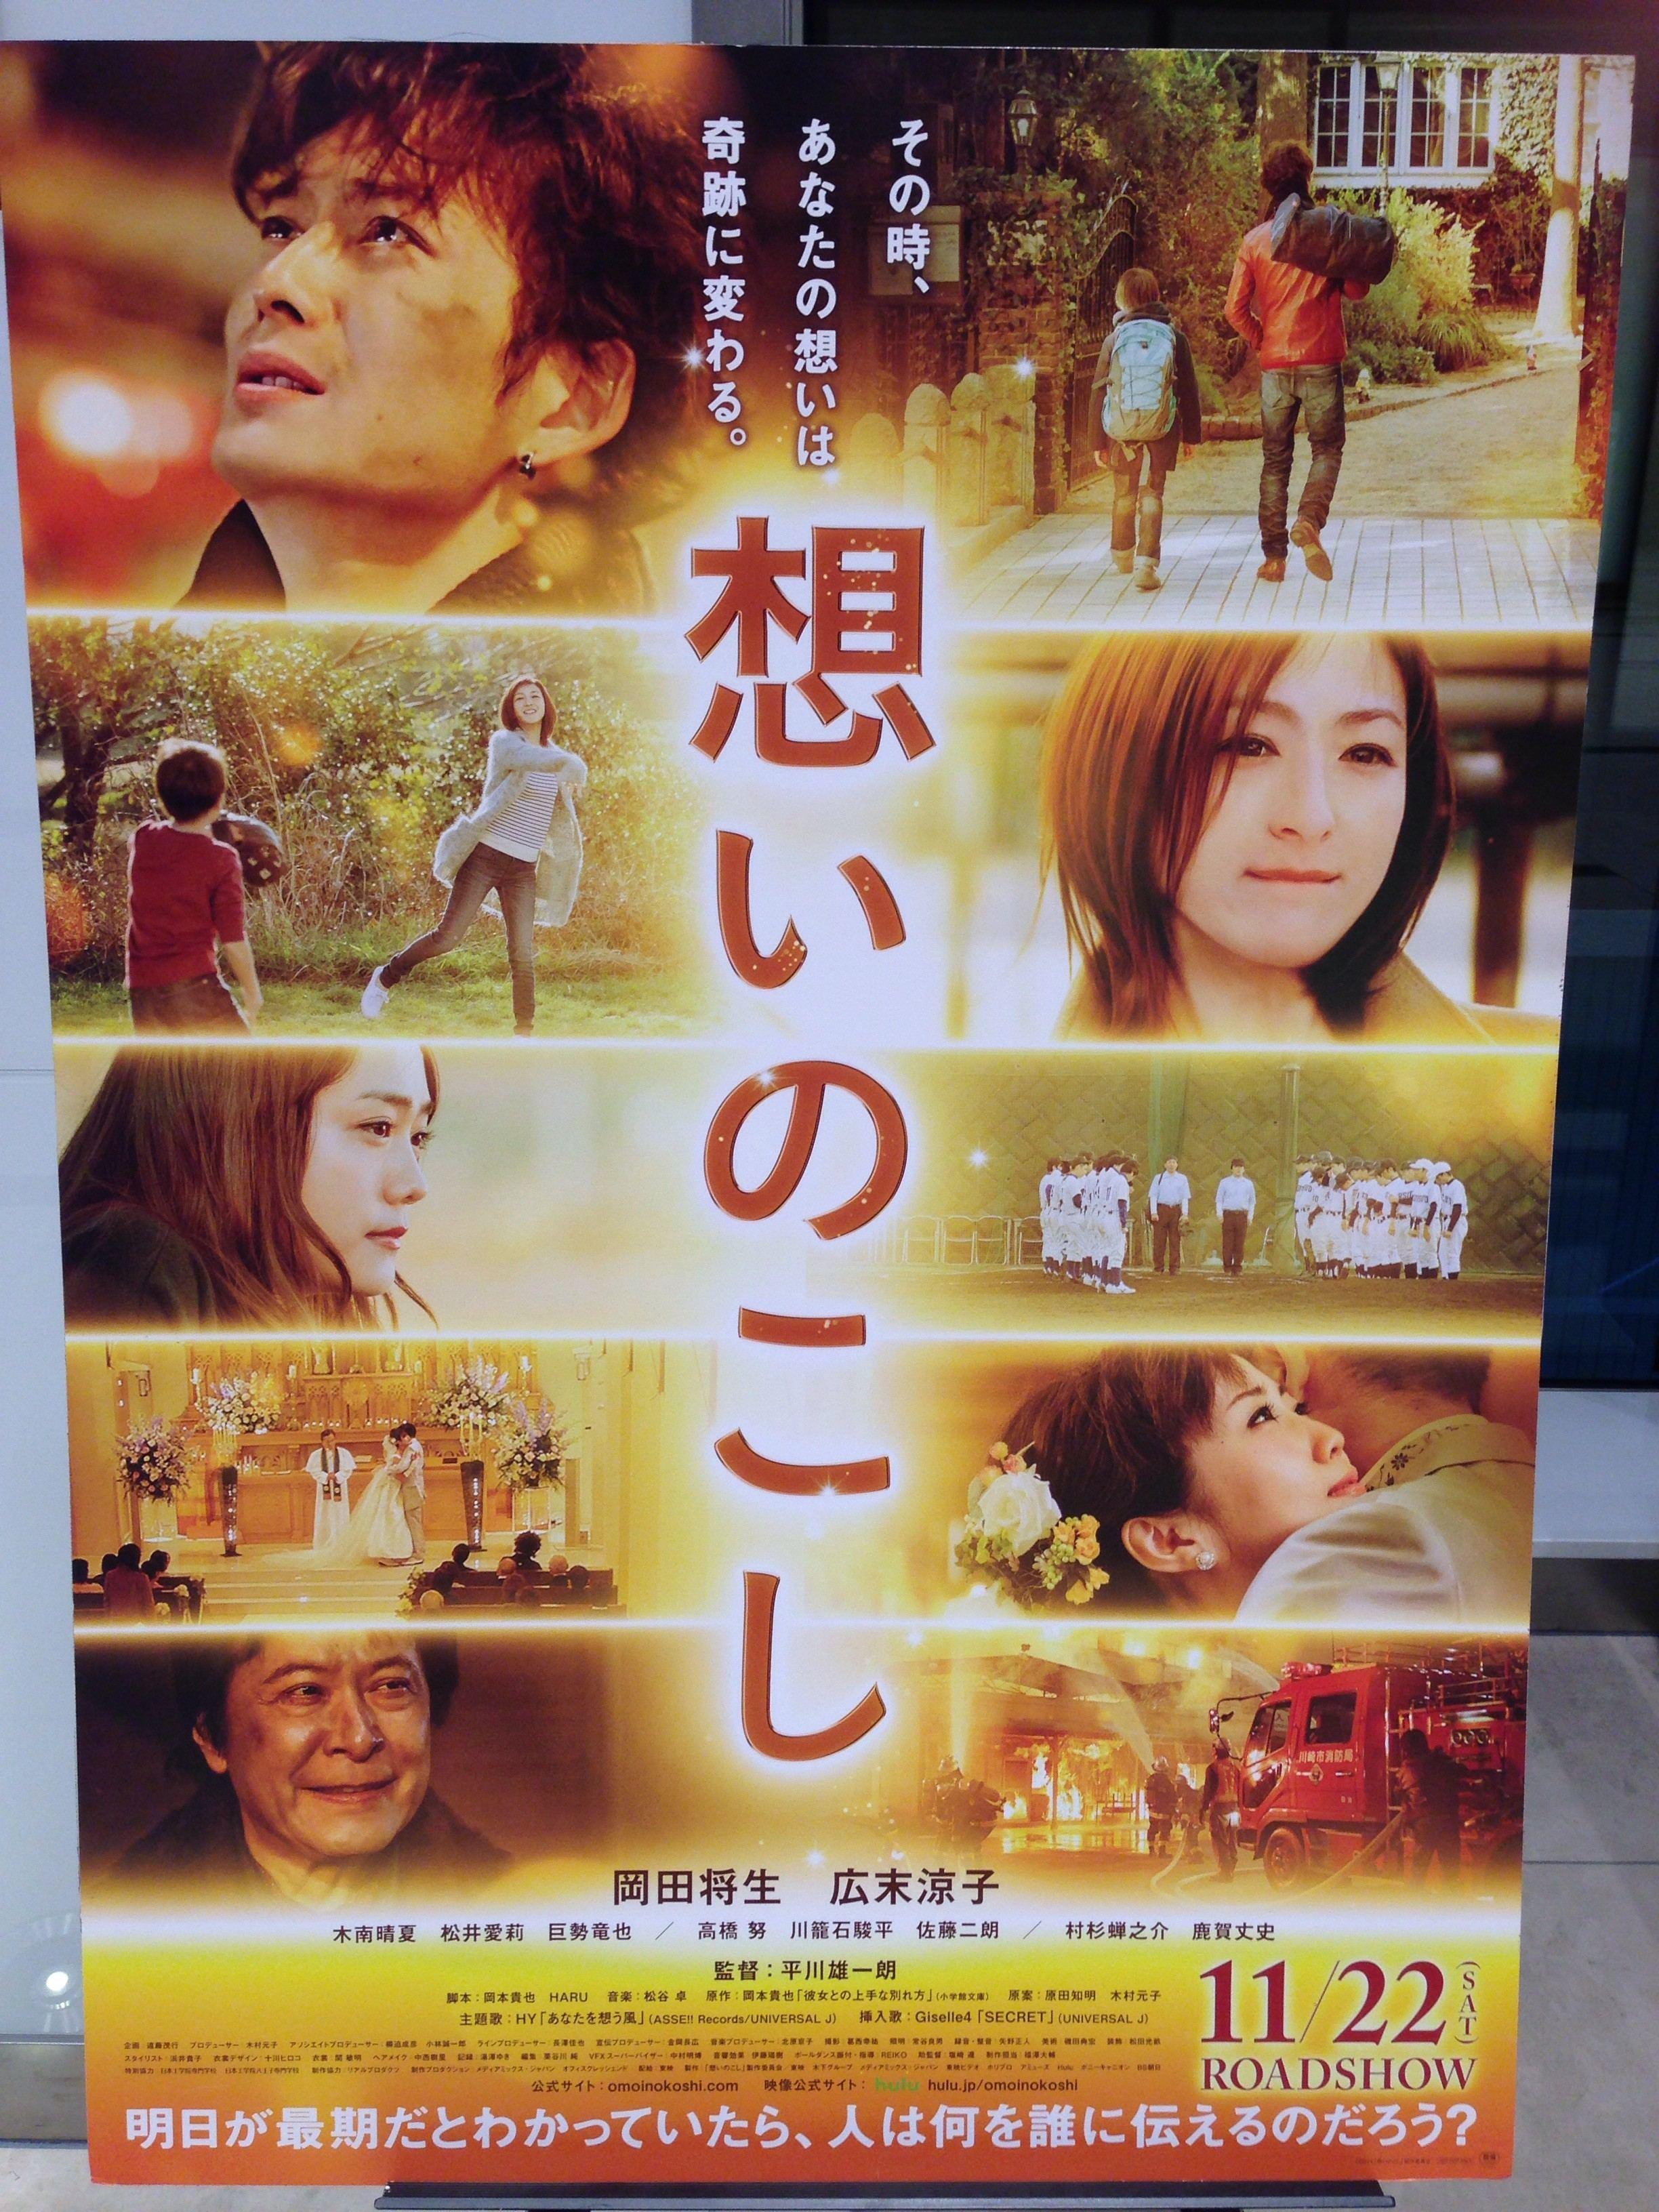 【映画】想いのこし☆笑いあり、涙ありの素敵な映画でした!